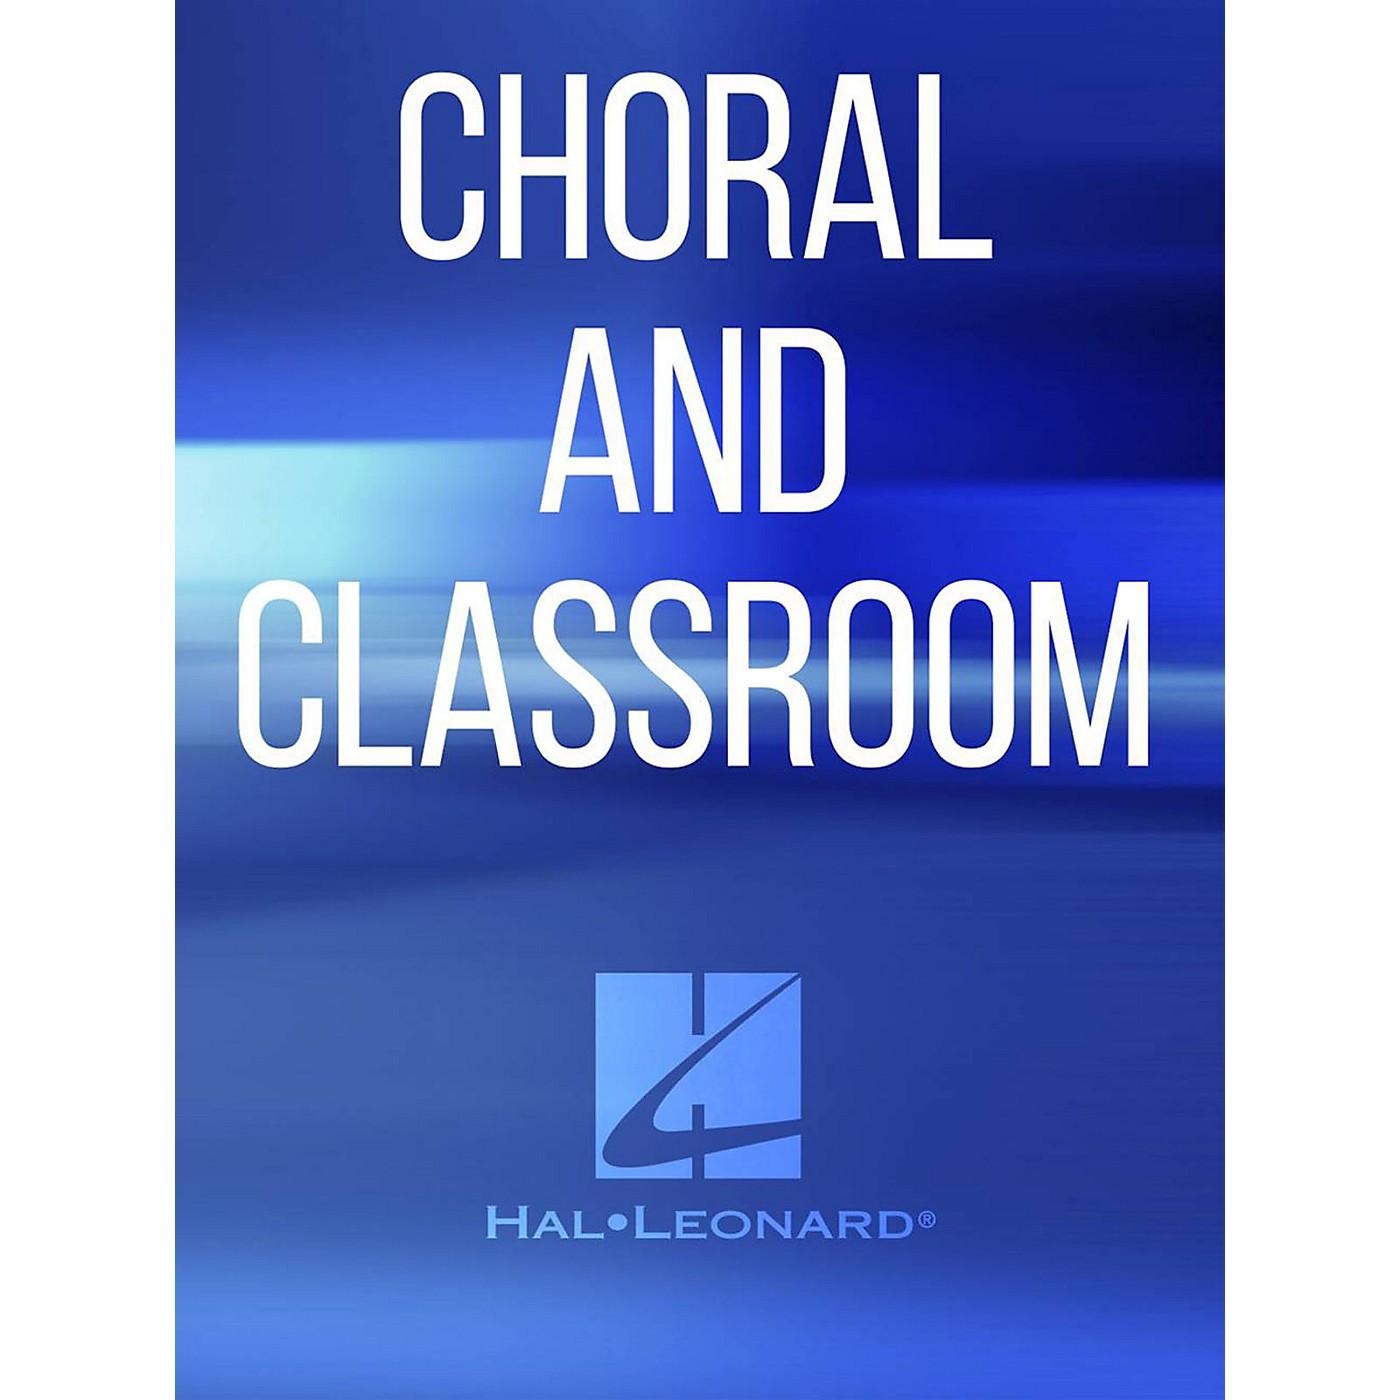 Hal Leonard Four Czech Folk Songs Composed by Zdenek Lukas thumbnail